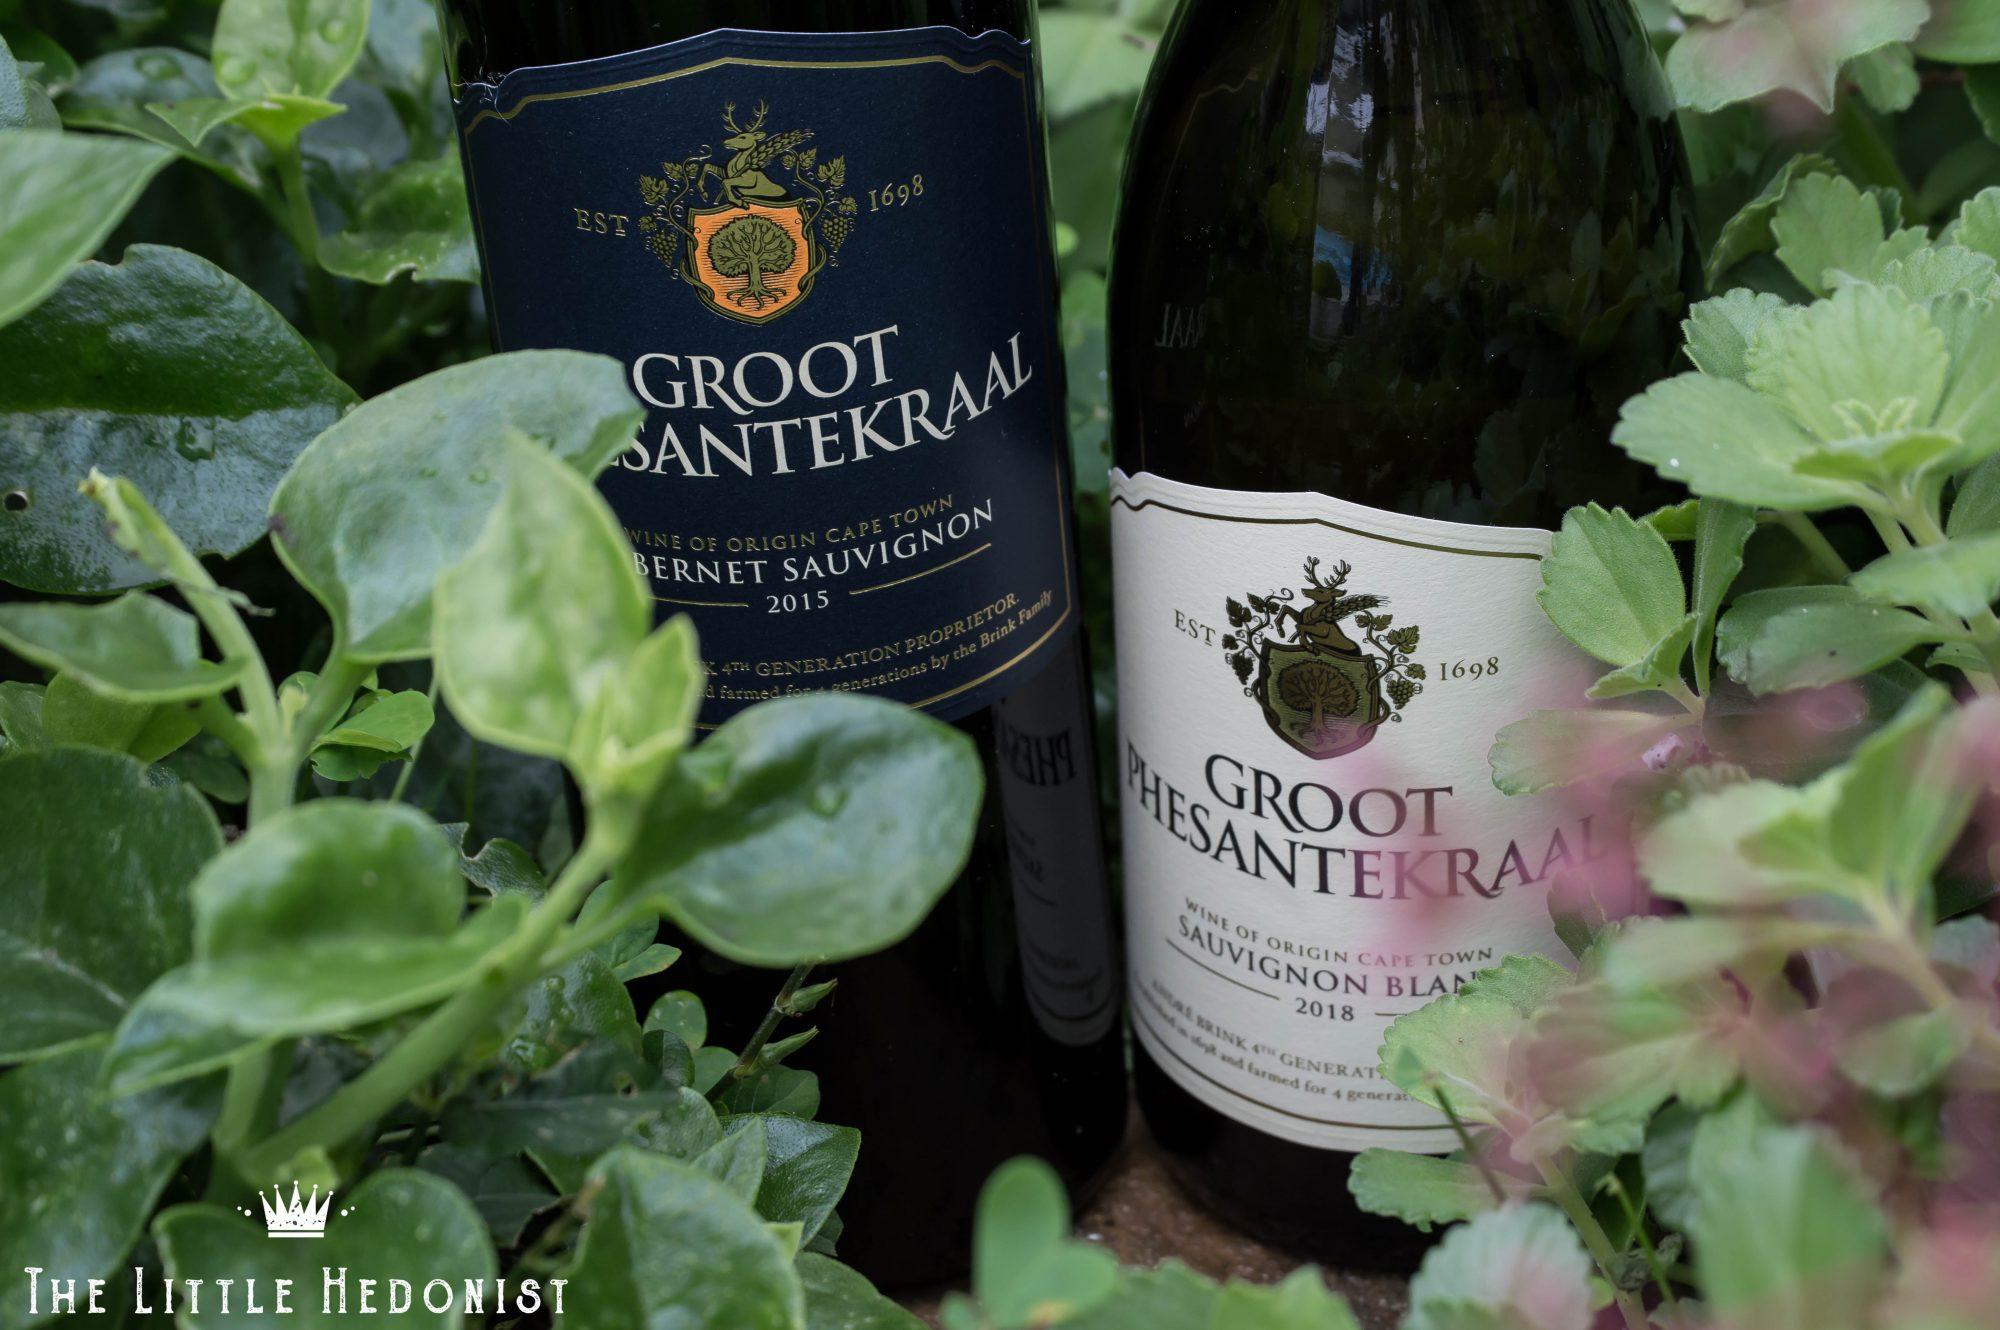 {WINE REVIEW} Groot Phesantekraal wines